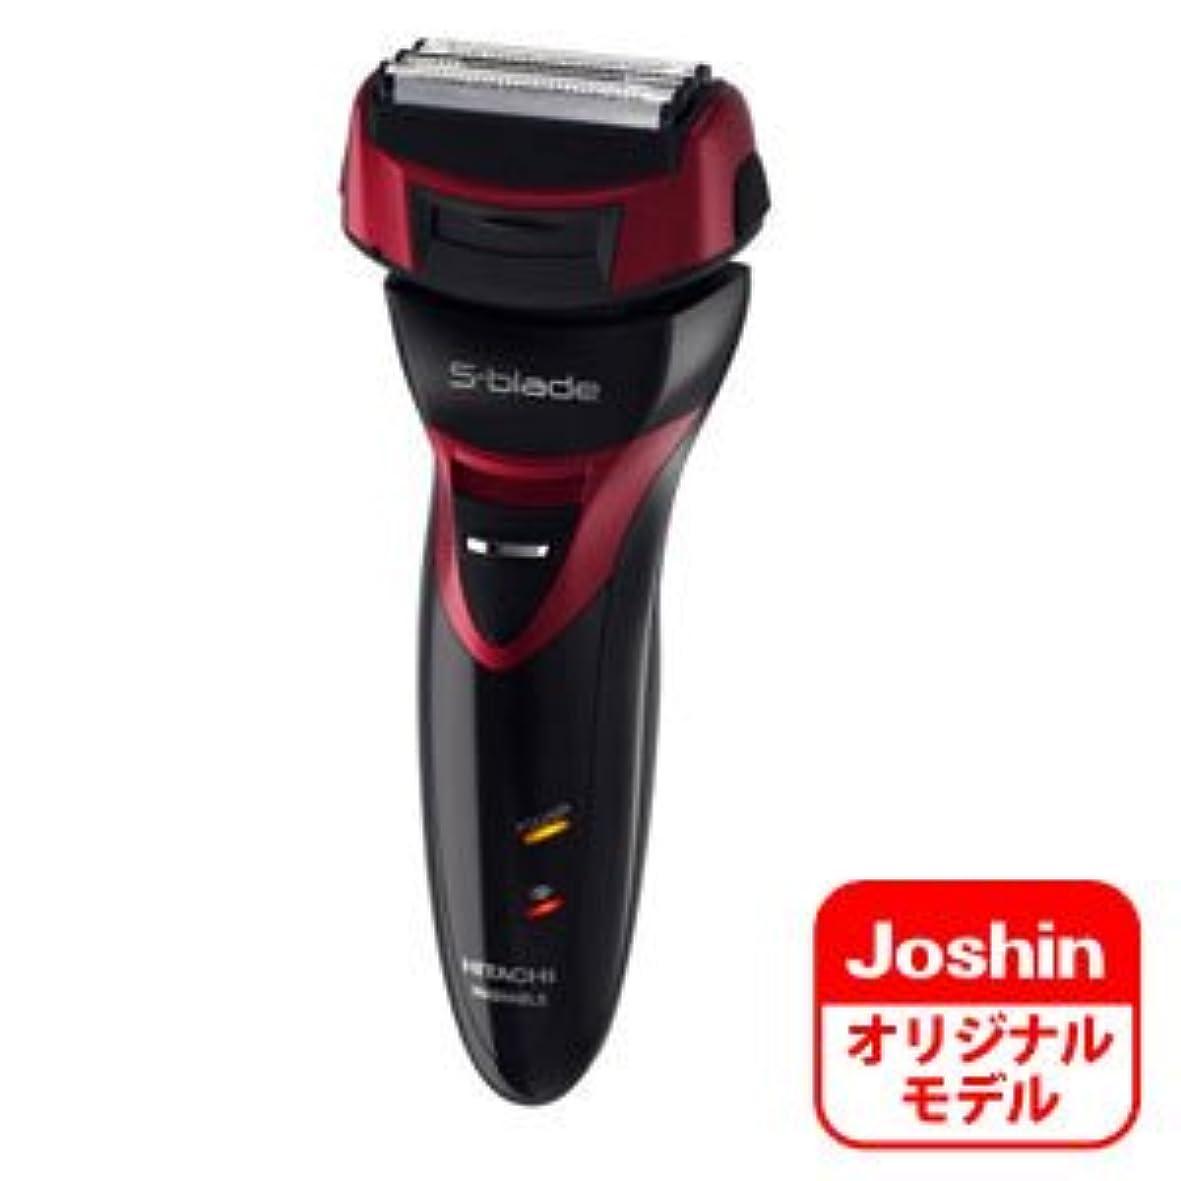 大通りマージフィールド日立 メンズシェーバー(ディープレッド)HITACHI S-blade(エスブレード)【4枚刃】RM-F413のJoshinオリジナルモデル RM-F16J-R